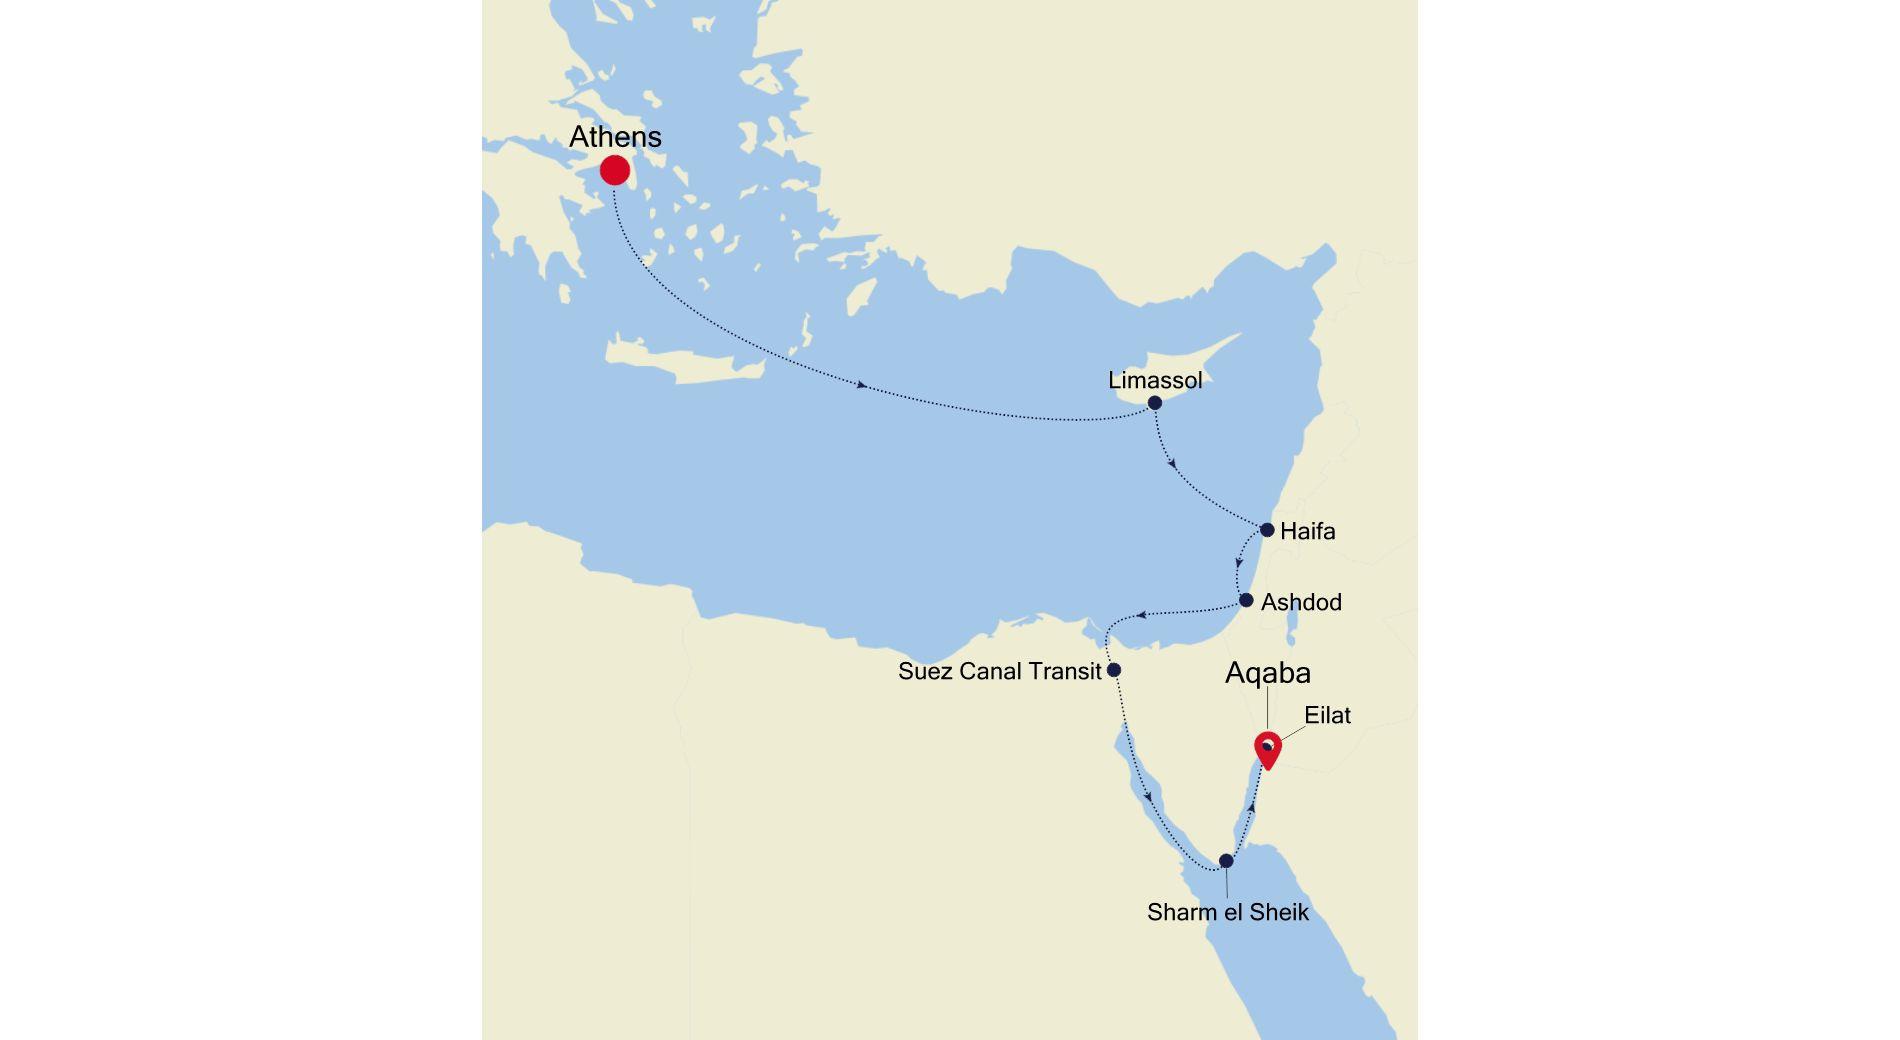 SS211124010 - Athens a Aqaba